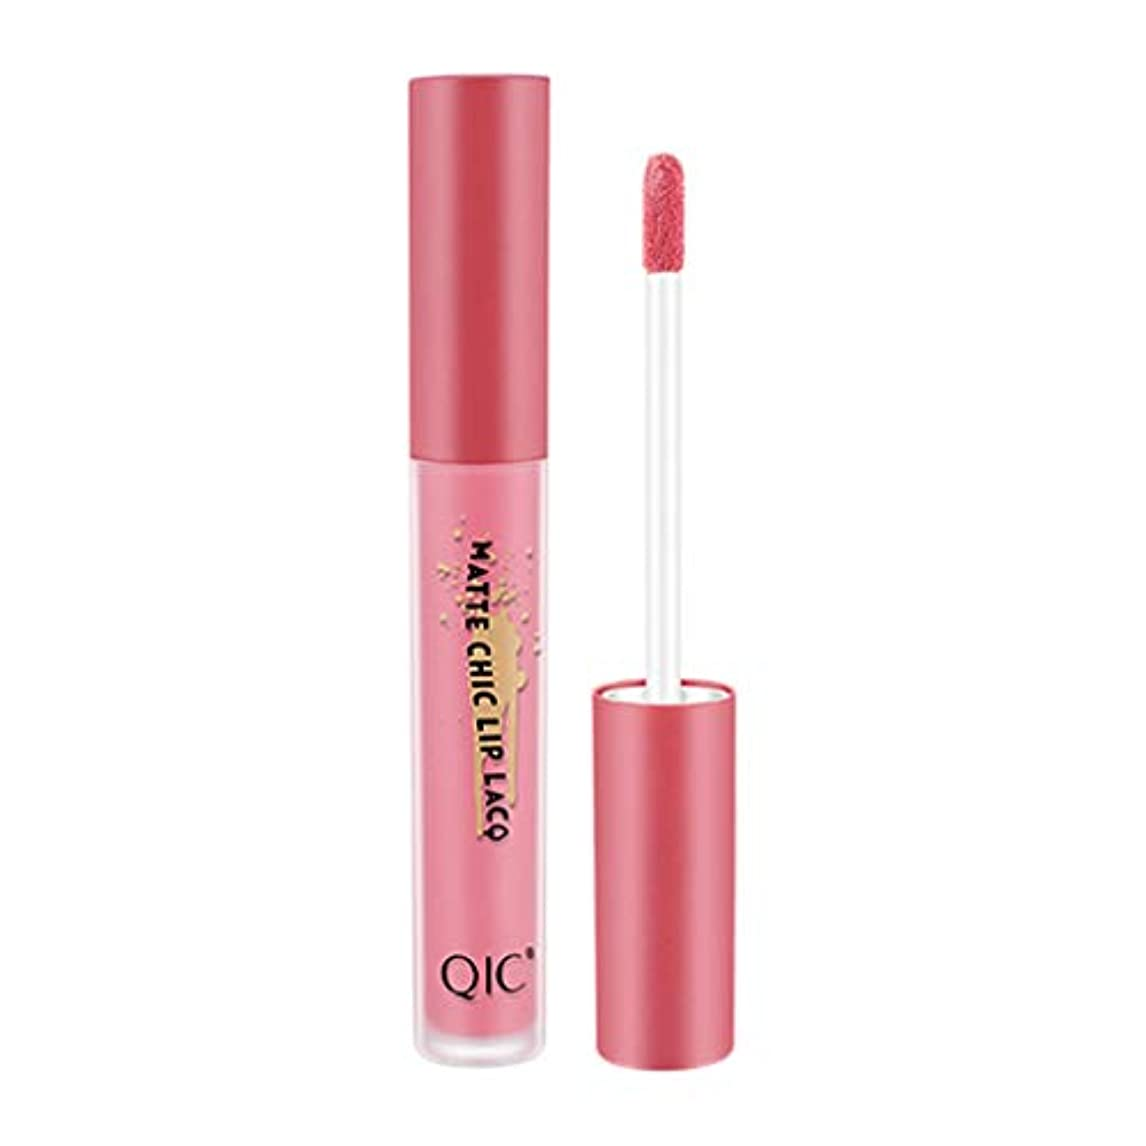 エンゲージメントホバー一緒QIC無光沢のセクシーな液体の唇の光沢の長続きがする防水は24時間を保ちます